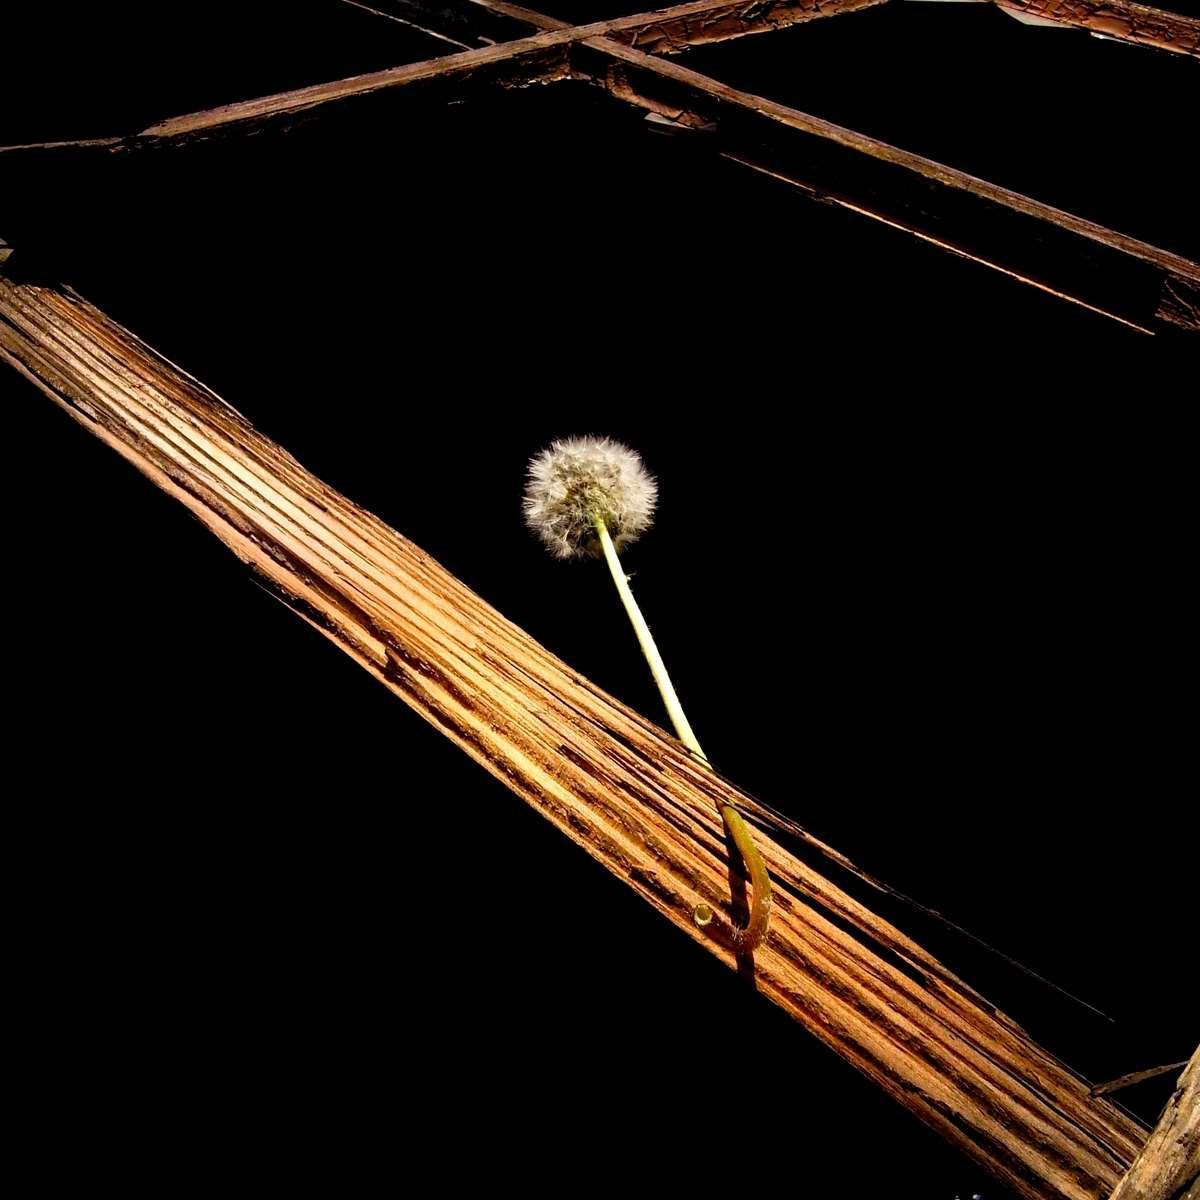 Dandelion in the frame